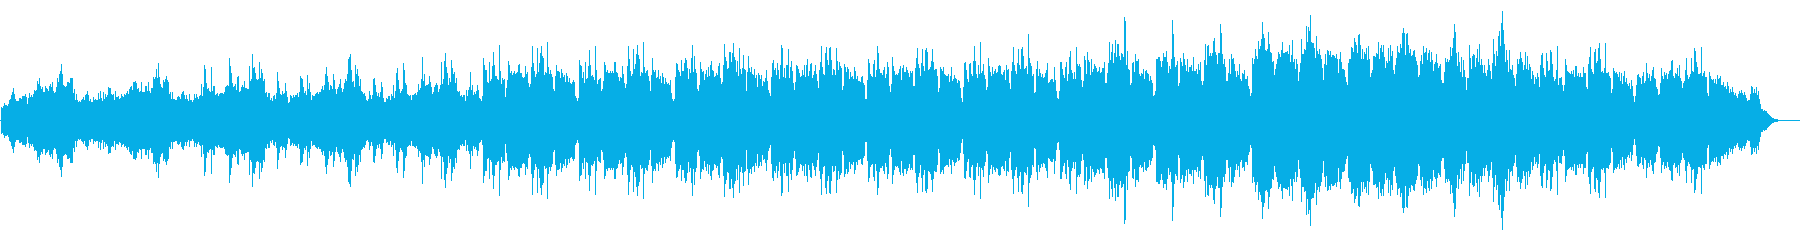 モダン 実験的 広い 壮大 ほのぼ...の再生済みの波形